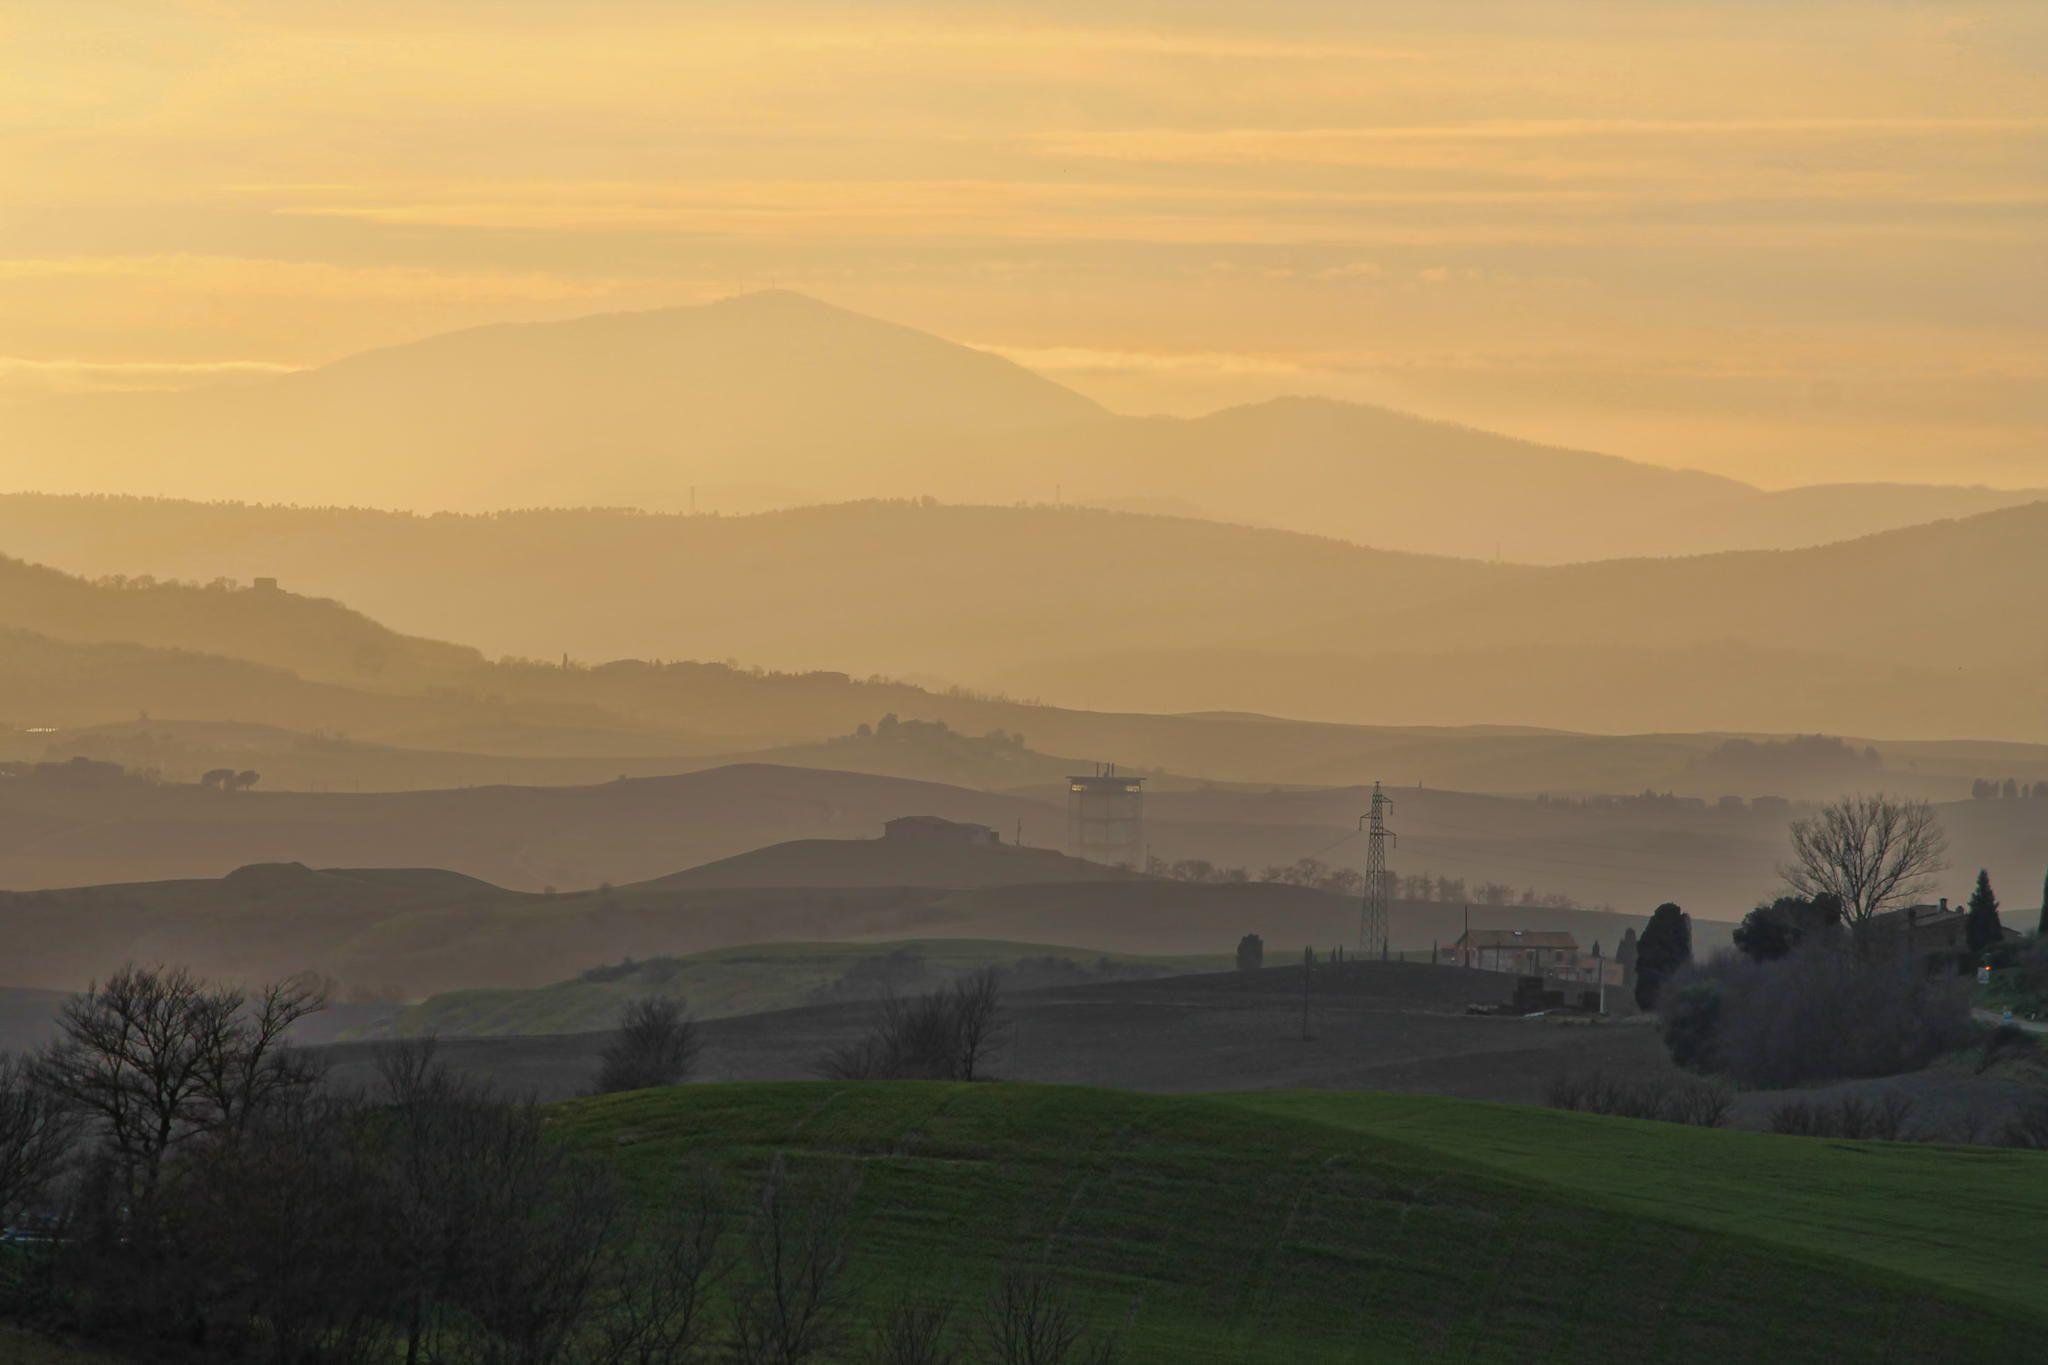 Monte Amiata by Bernardo Lanusini on 500px